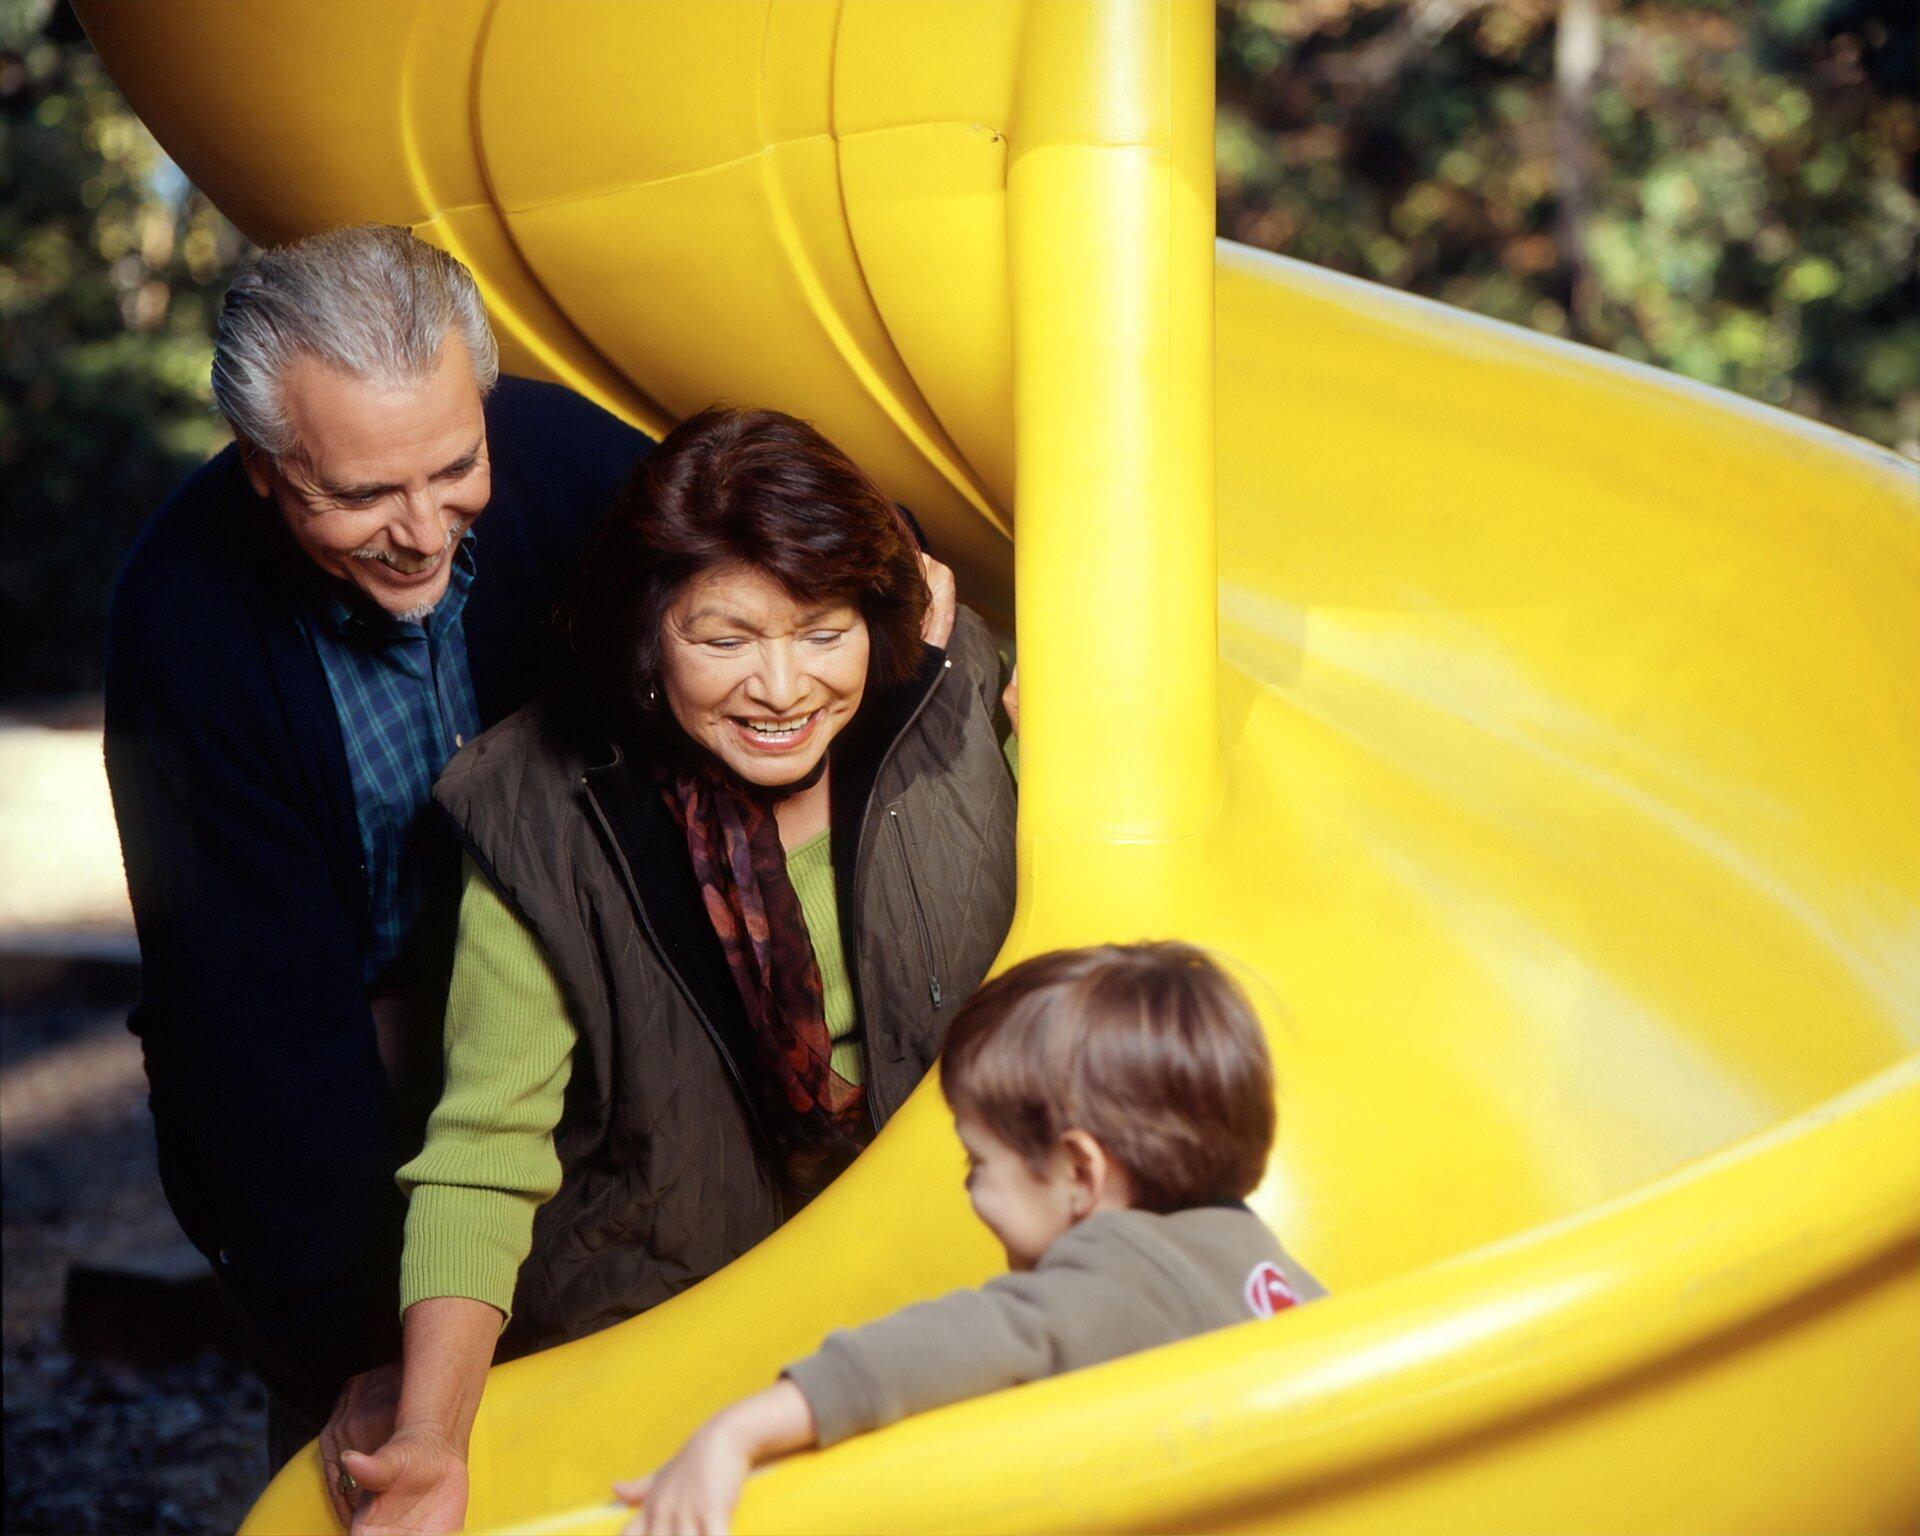 Ein älterer Mann und eine ältere Frau stehen neben einer Rutsche, auf der ein Kleinkind rutscht.